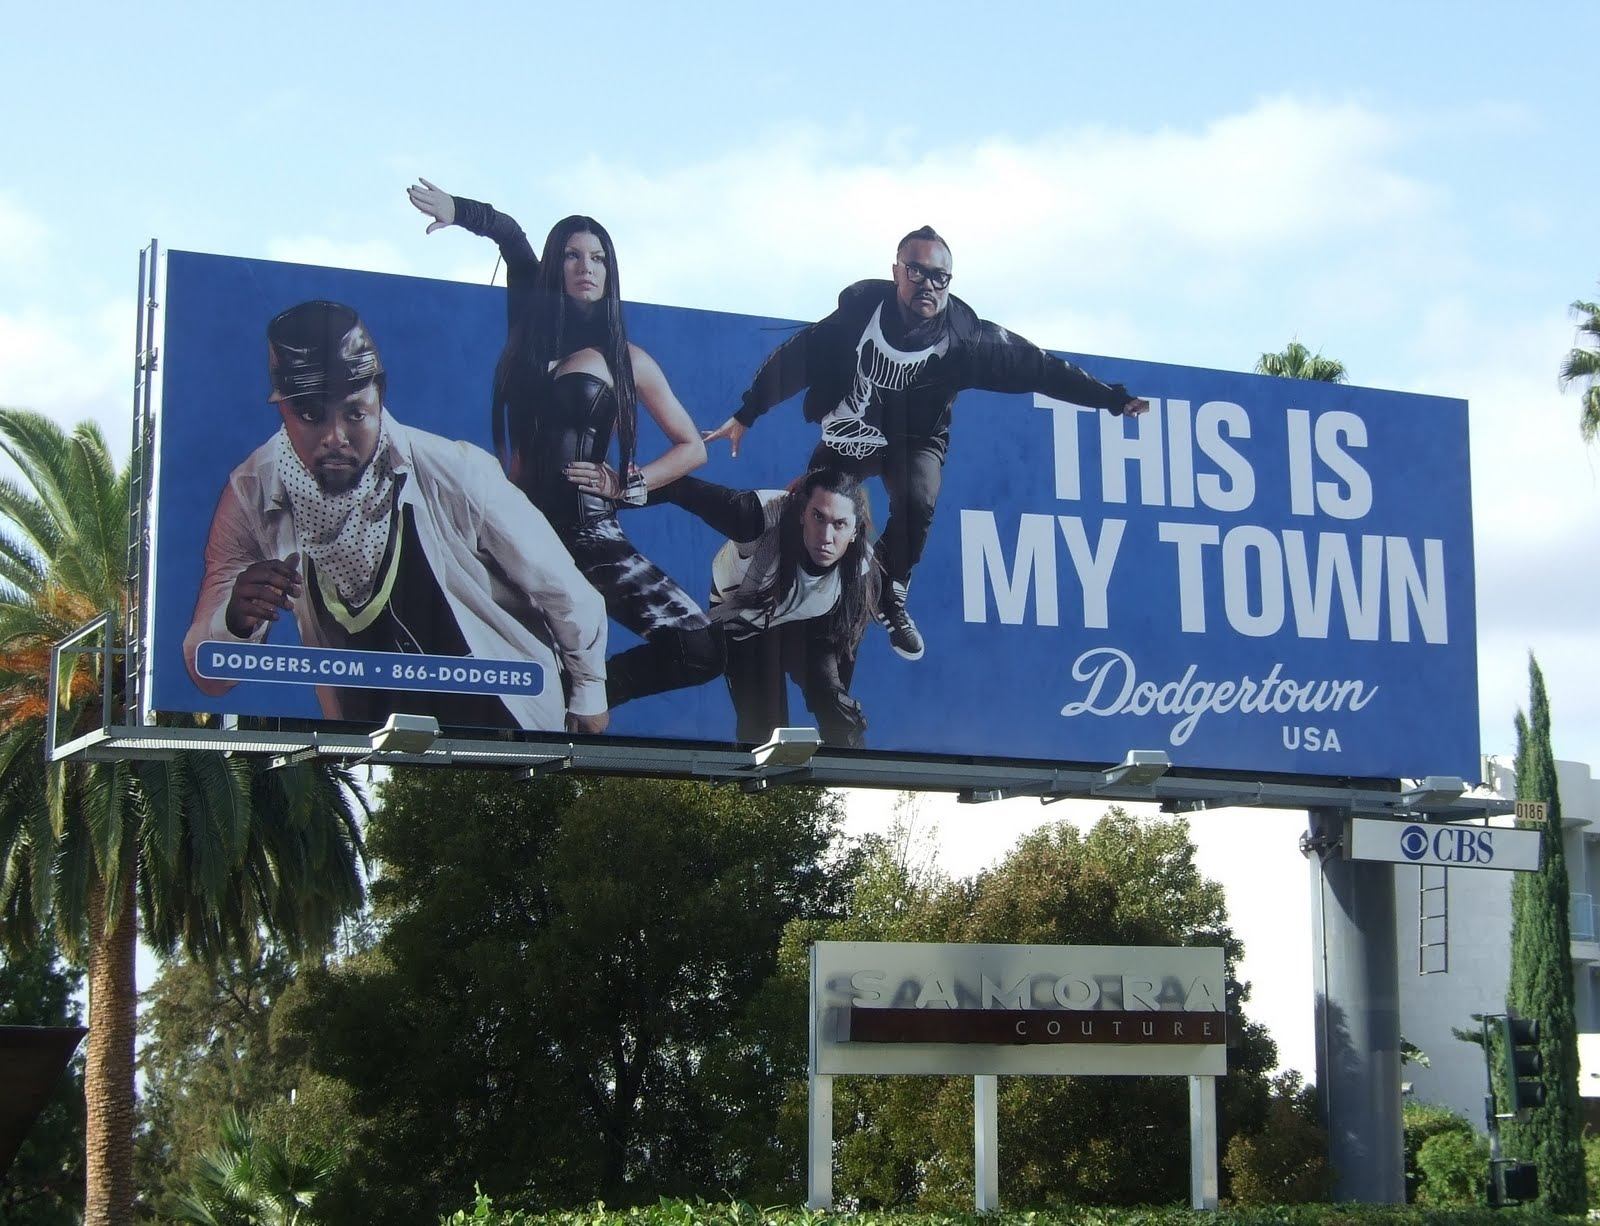 [billboard]